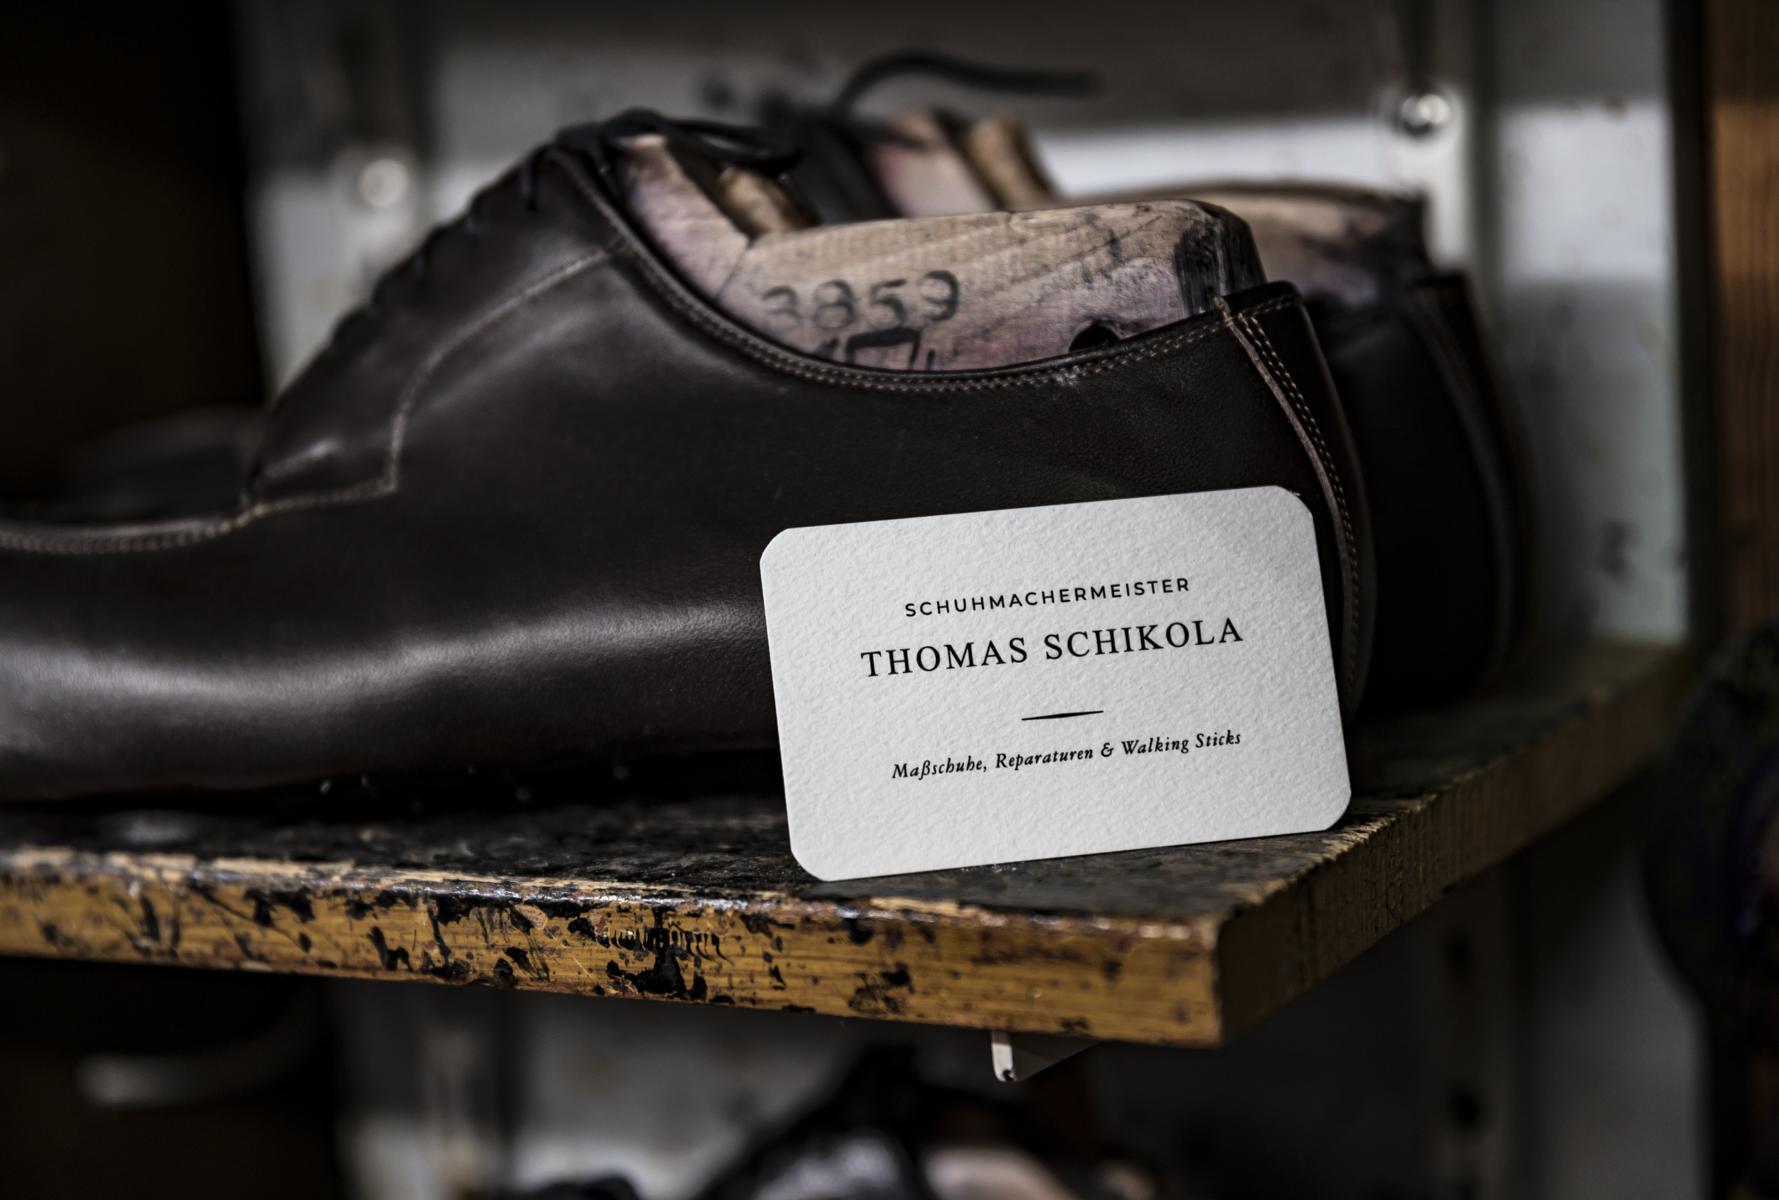 Thomas Schikola